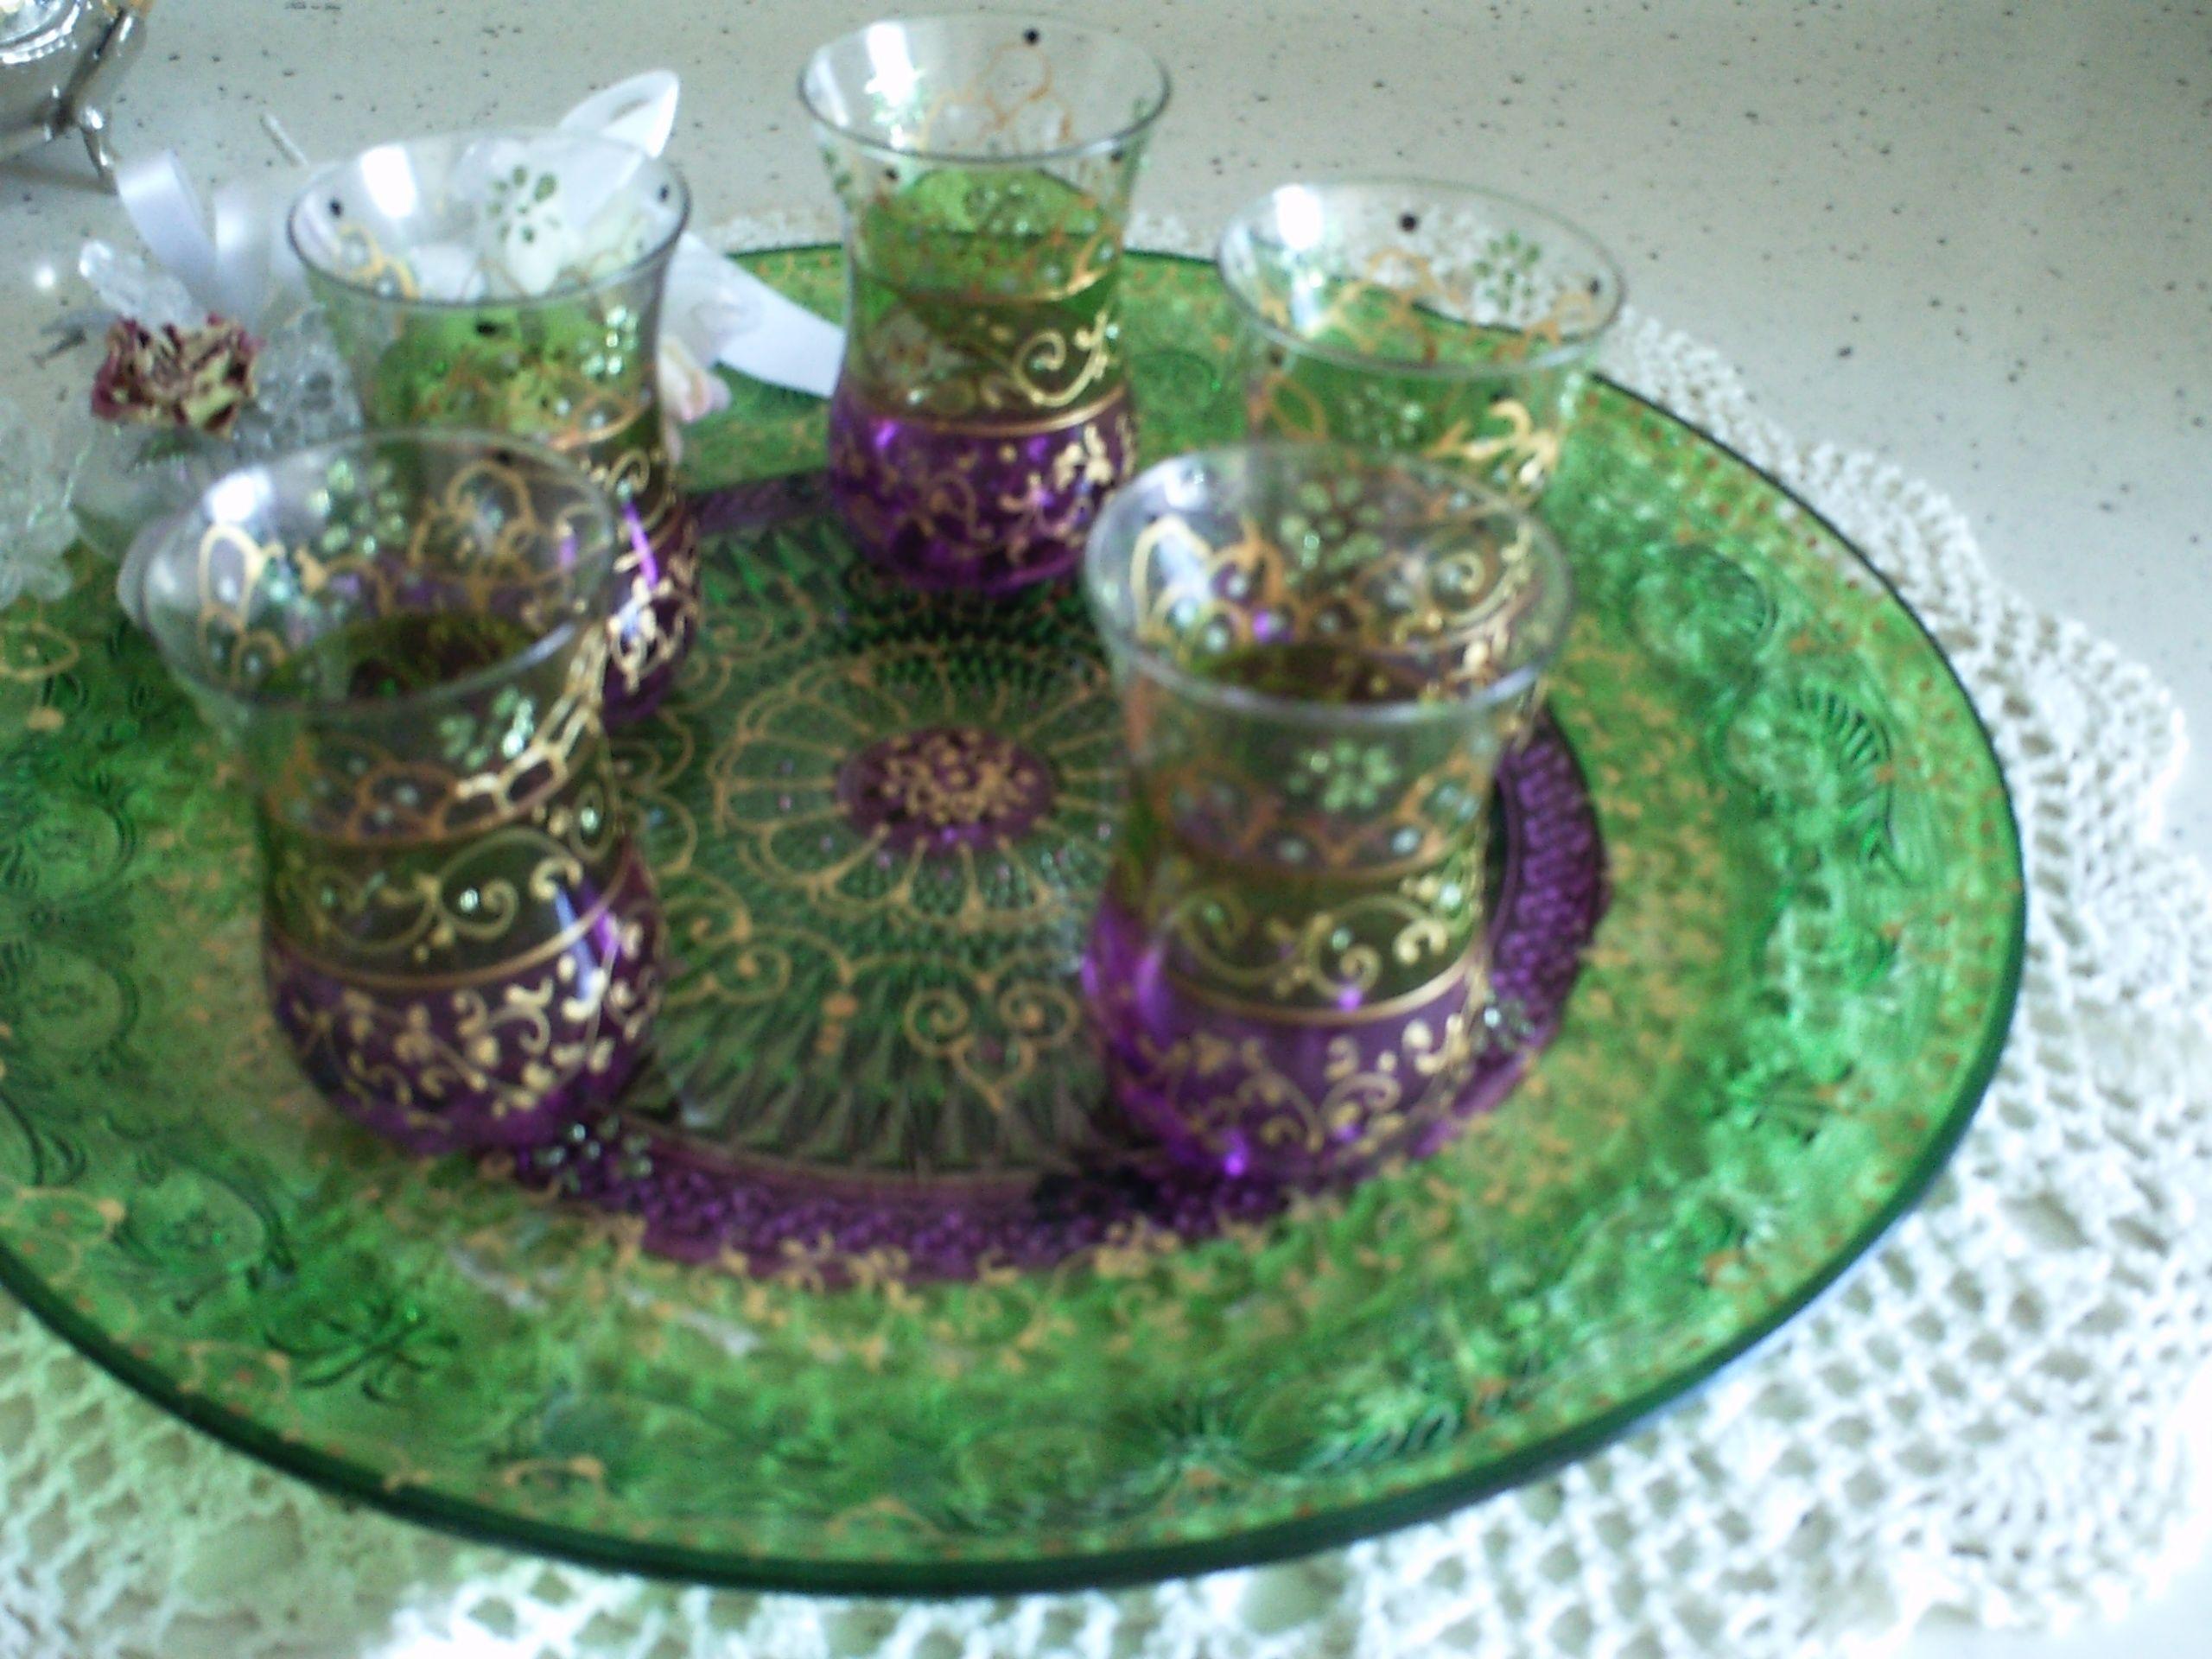 Pin peinture sur verre on pinterest for Enlever peinture sur verre